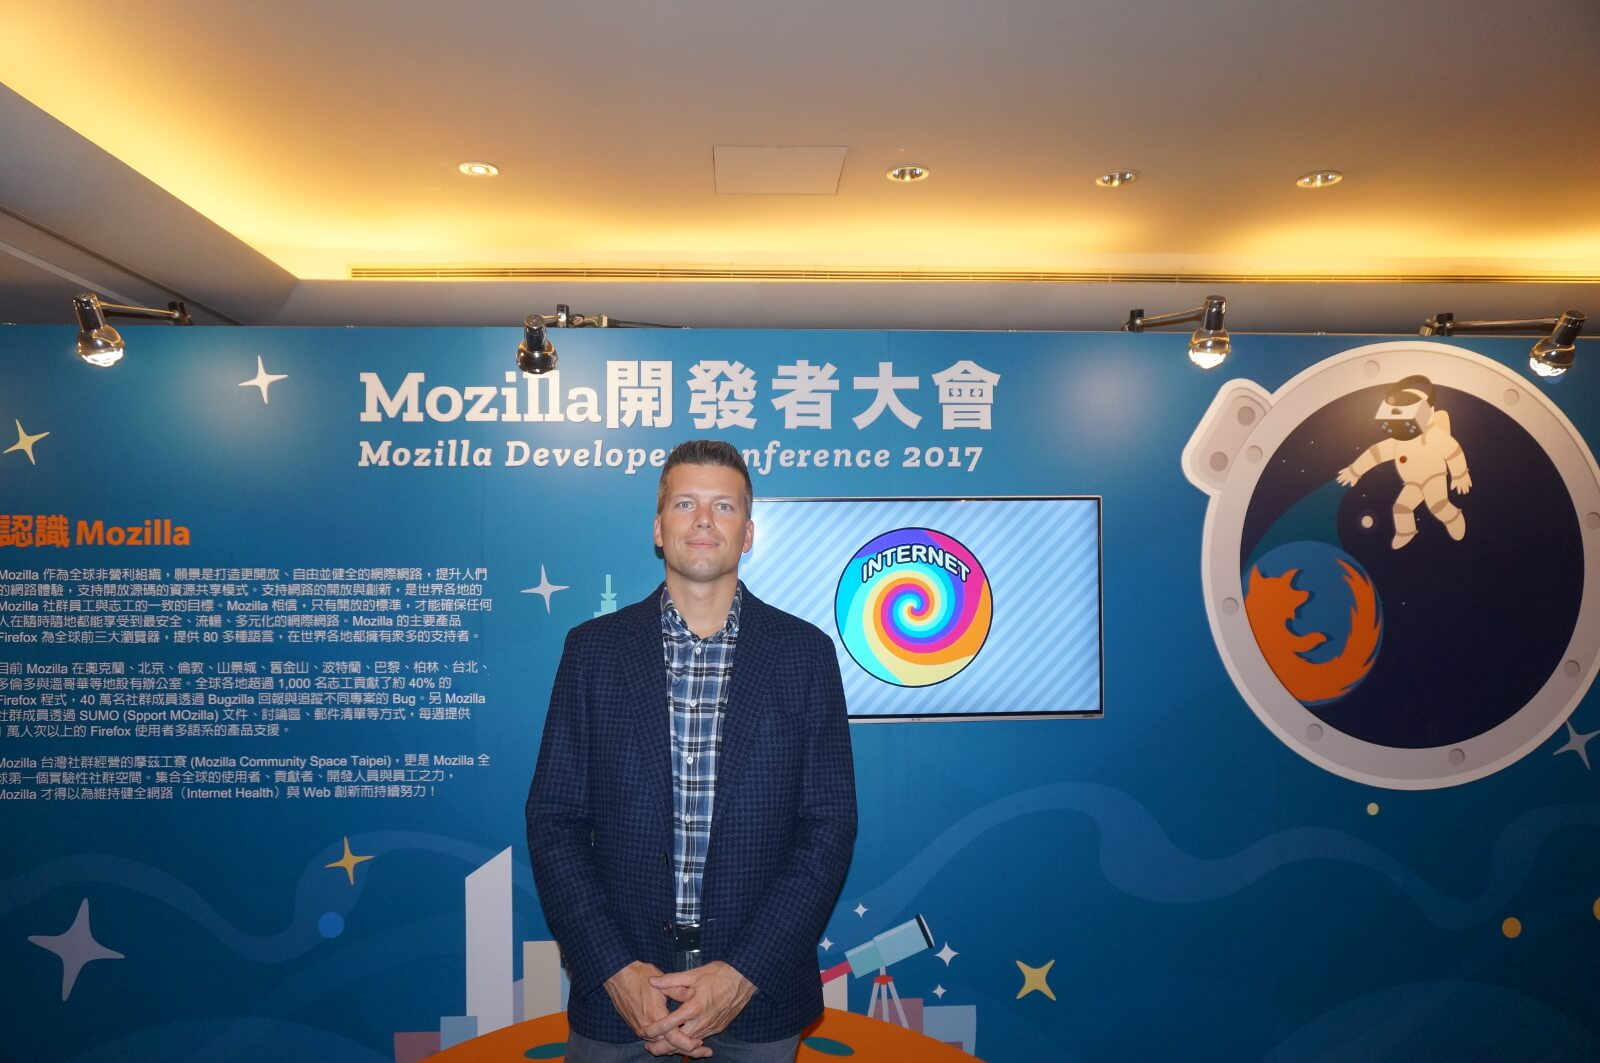 量子飛躍即將上路,Mozilla 專注Firefox 做最好的瀏覽器